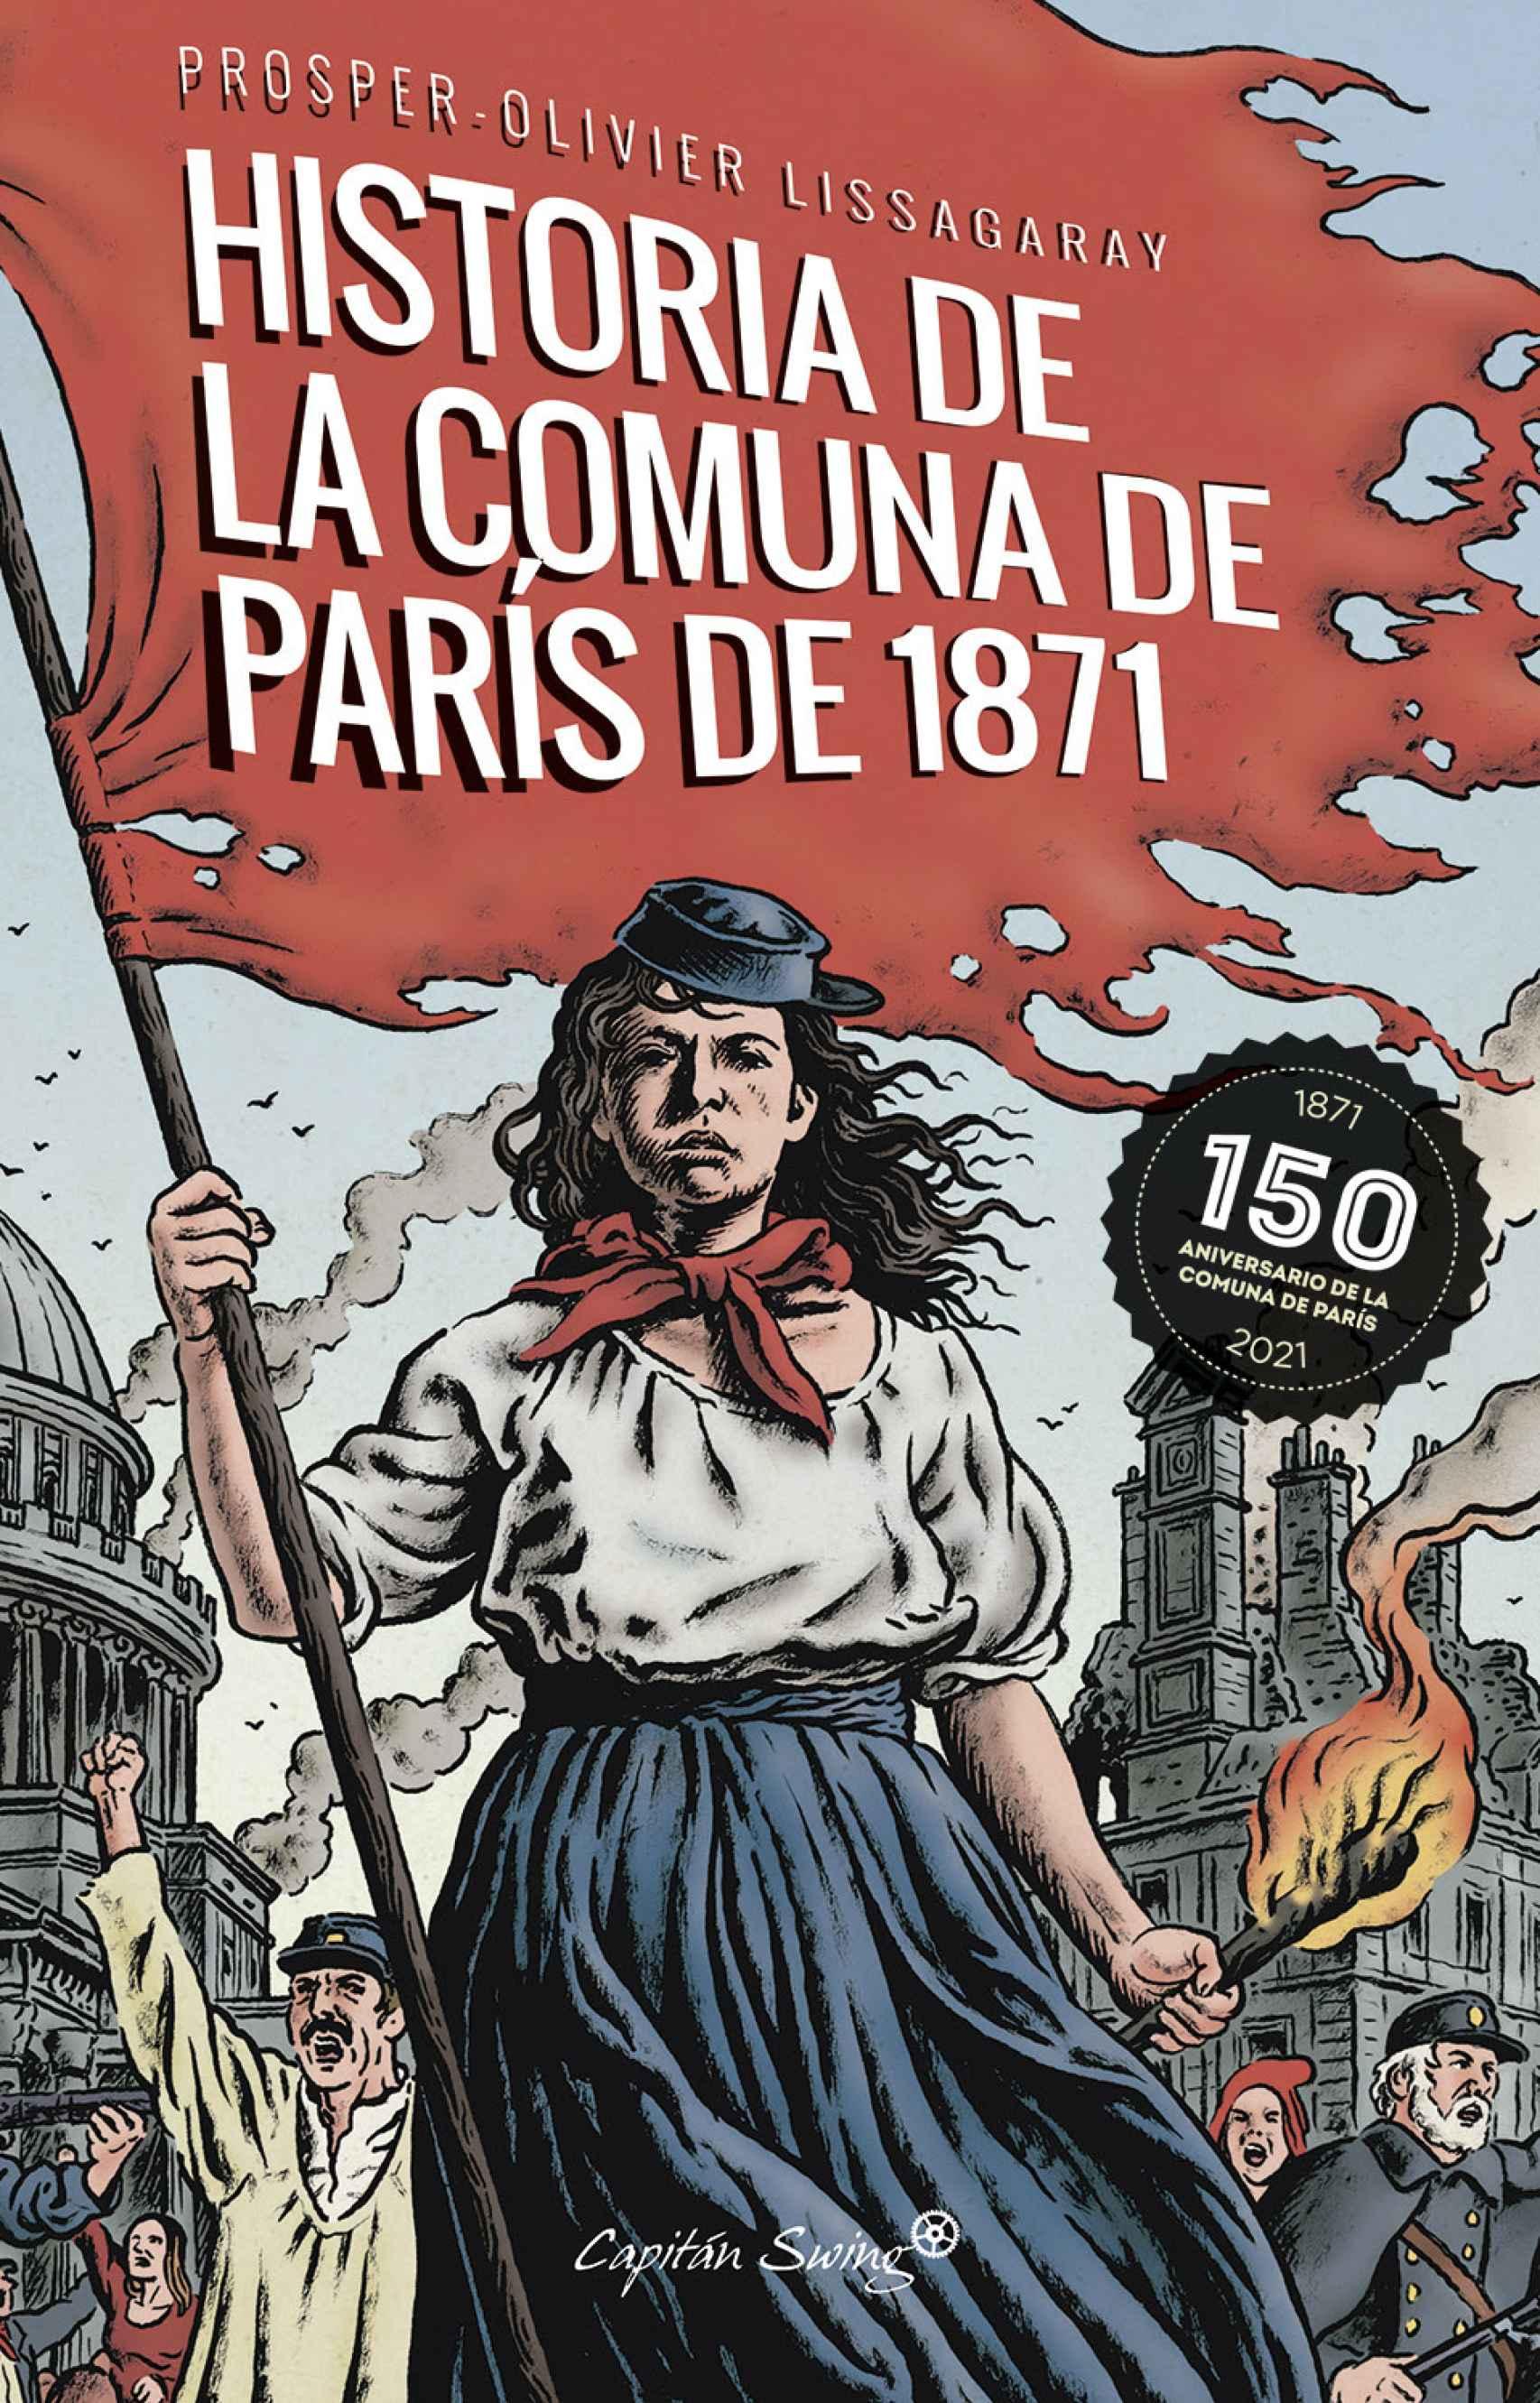 Portada de la nueva edición de 'Historia de la Comuna de París de 1871'.